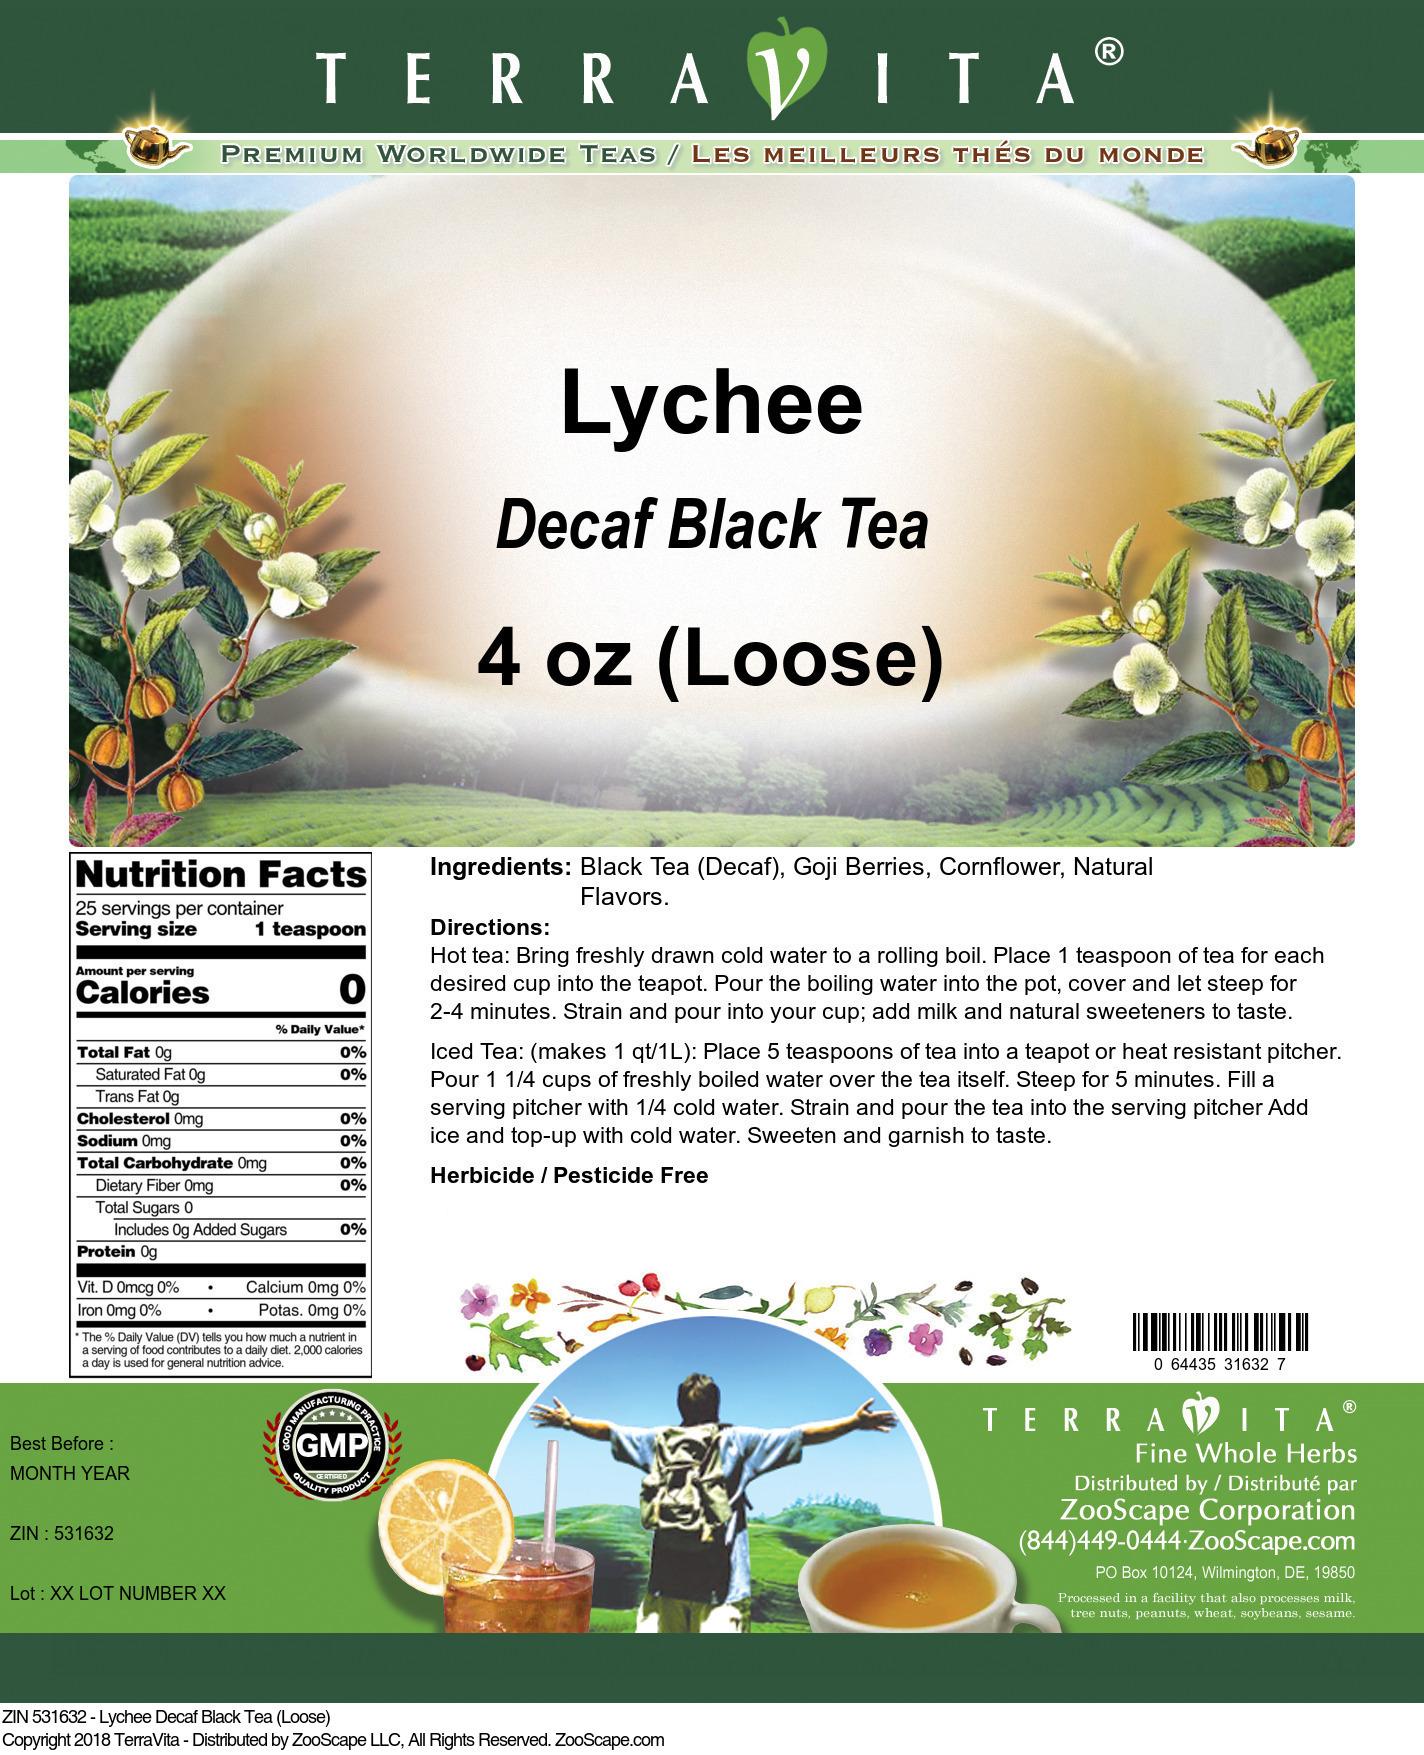 Lychee Decaf Black Tea